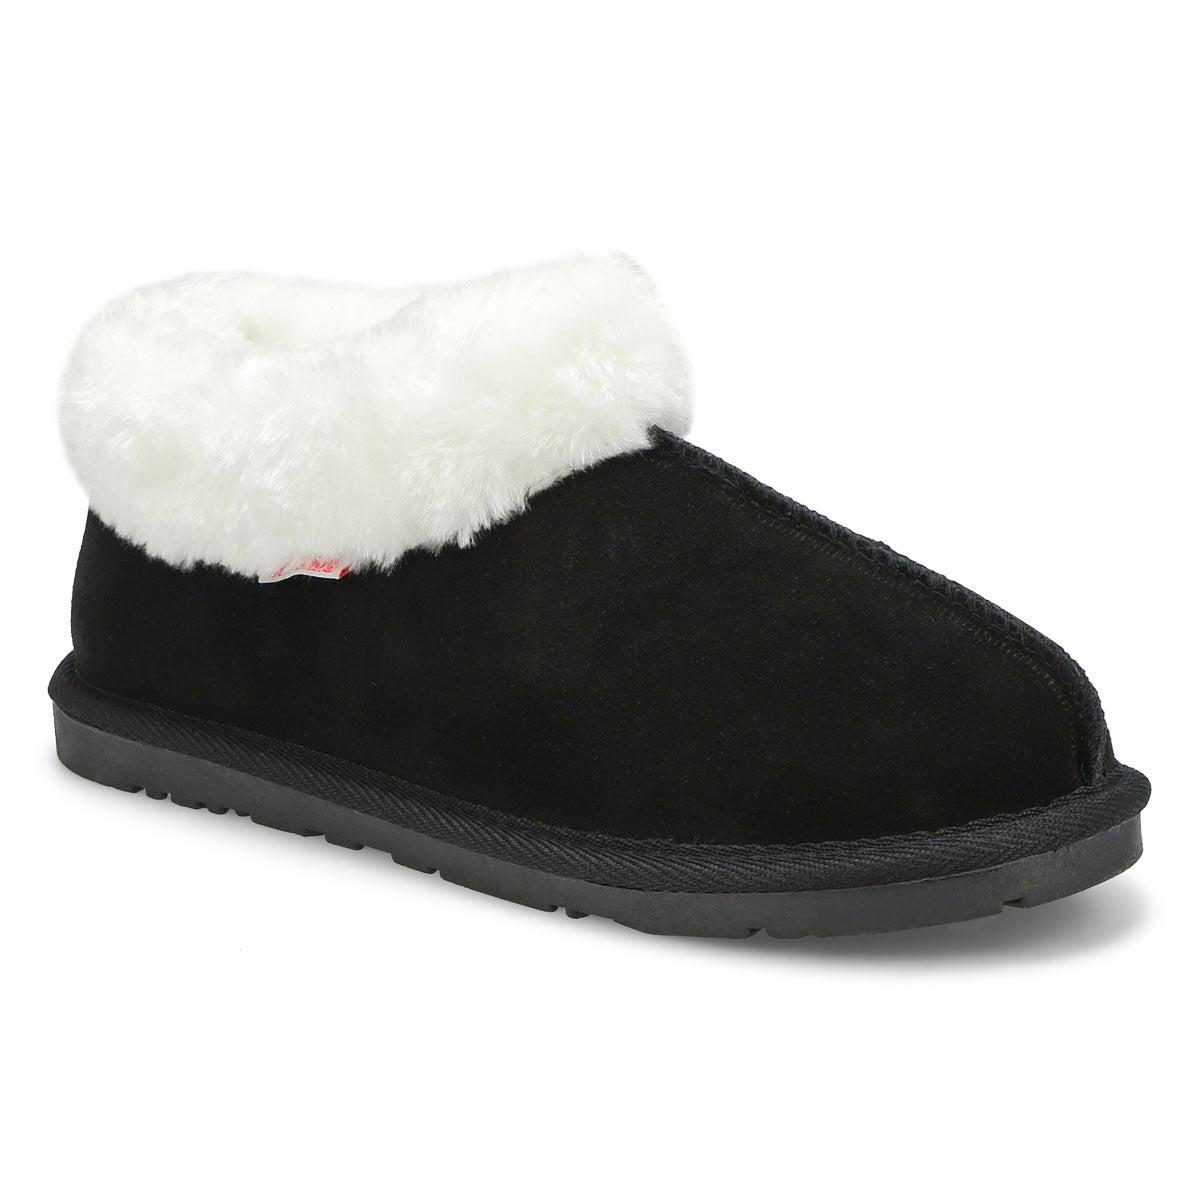 Women's SAVANNA  black suede booties